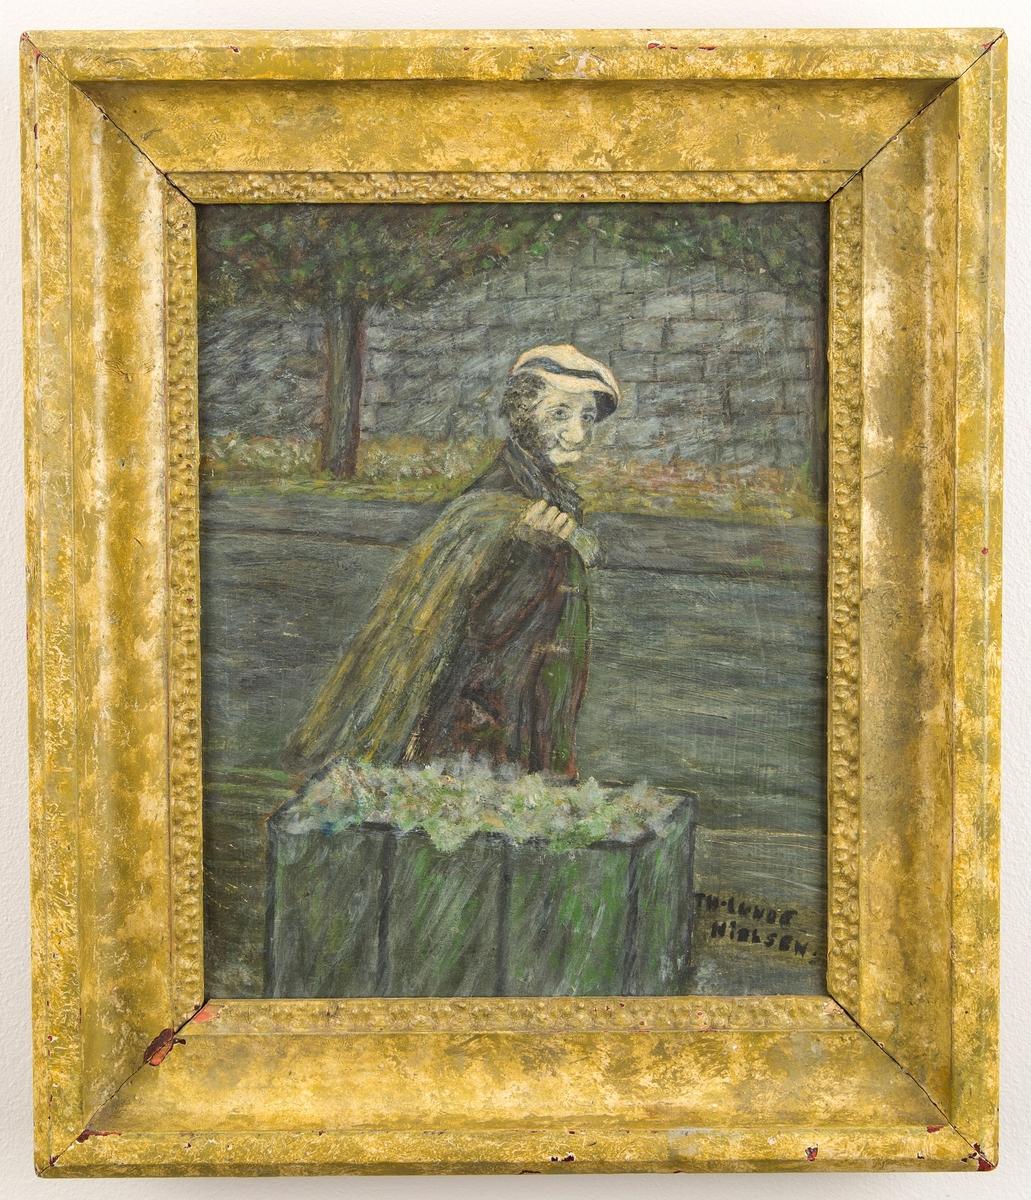 """Person i gatebilde. Skal forestille Fridtjof Kristiansen (""""Luse-Frans f. 1883 i Kristiania, d. 1958 s.s.)"""